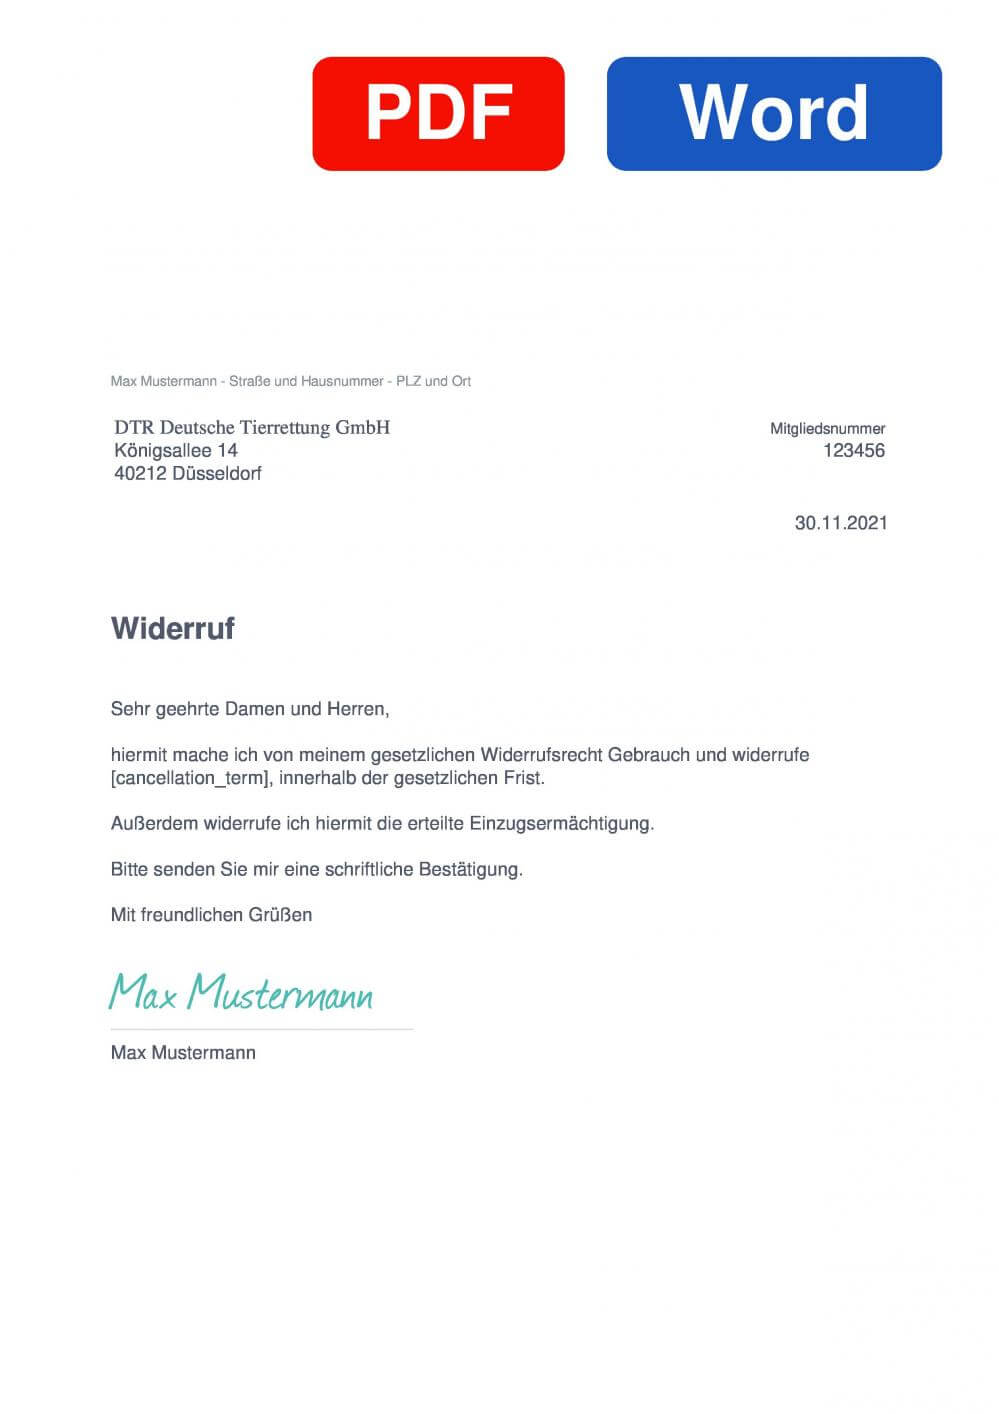 Deutsche Tierrettung Muster Vorlage für Wiederrufsschreiben